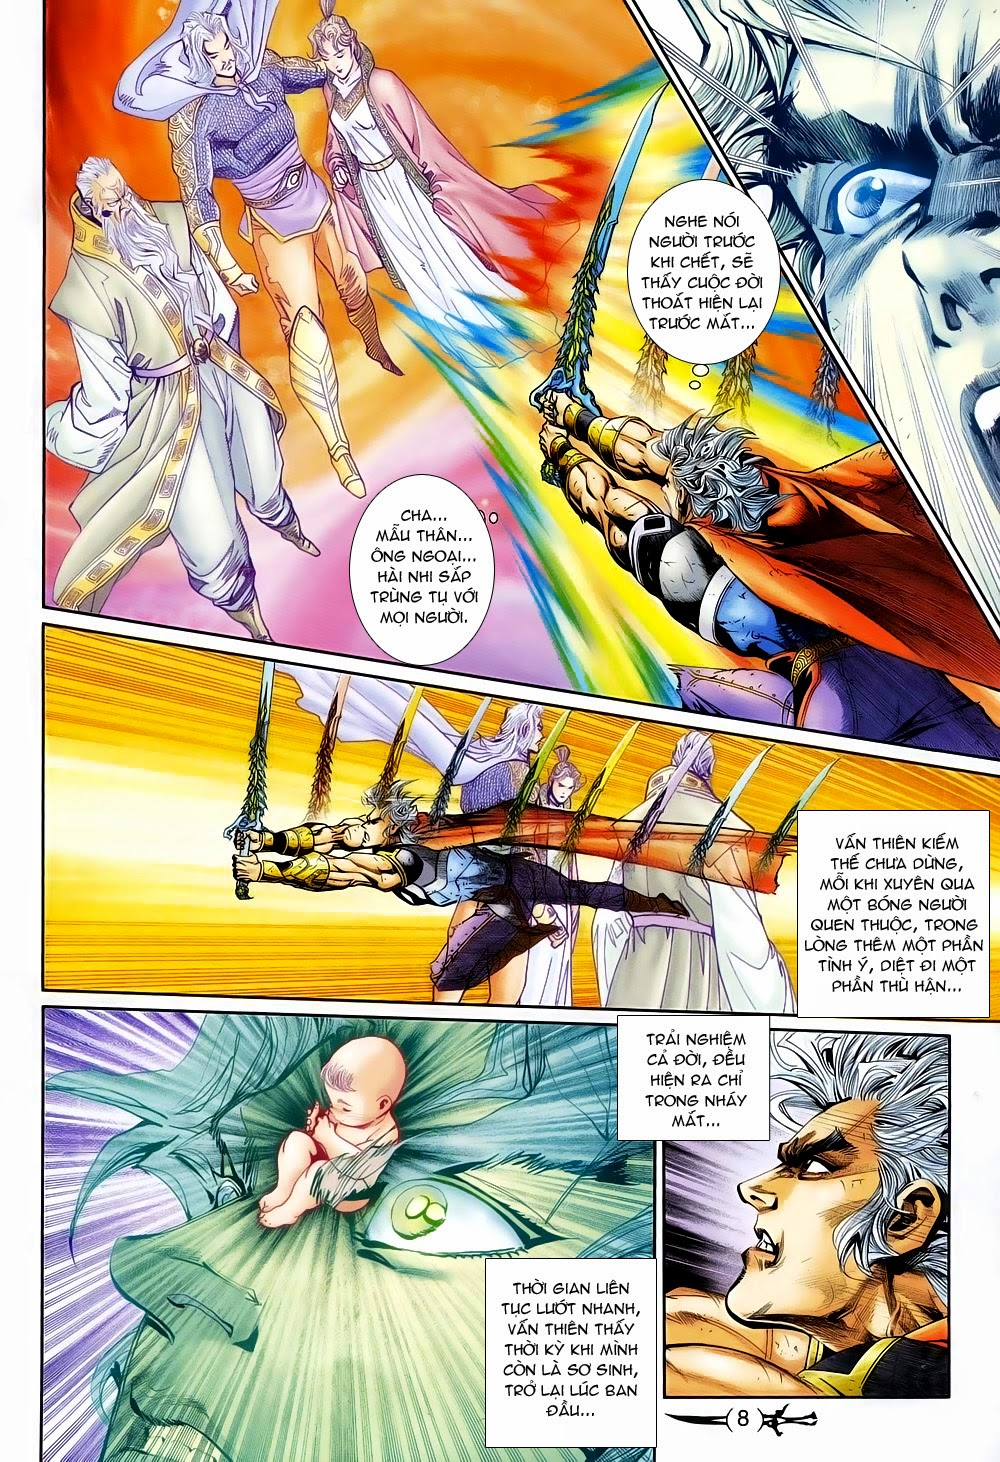 Thần Binh Huyền Kỳ II Chap 100 - Trang 7